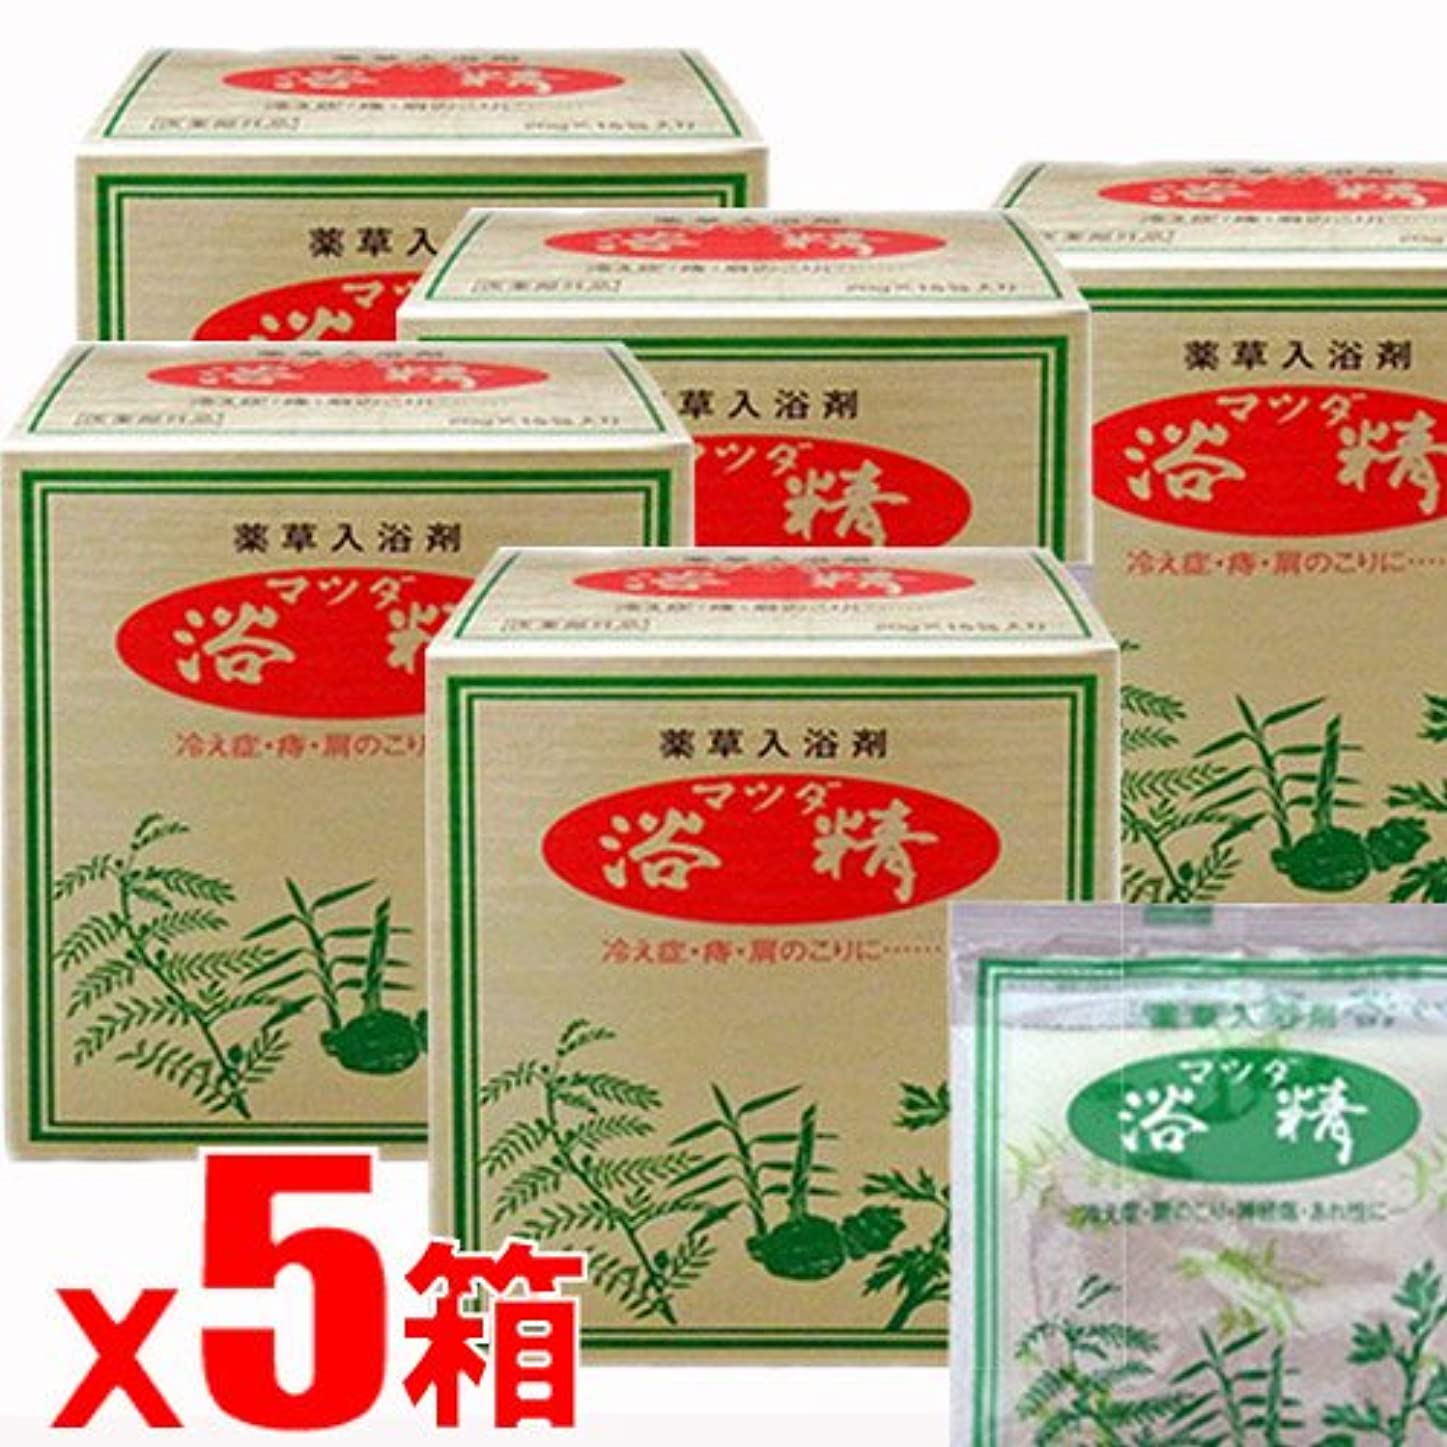 祈る囲まれた袋【5箱】薬草入浴剤 マツダ浴精 20g×15包x5箱(4962461435165-5)